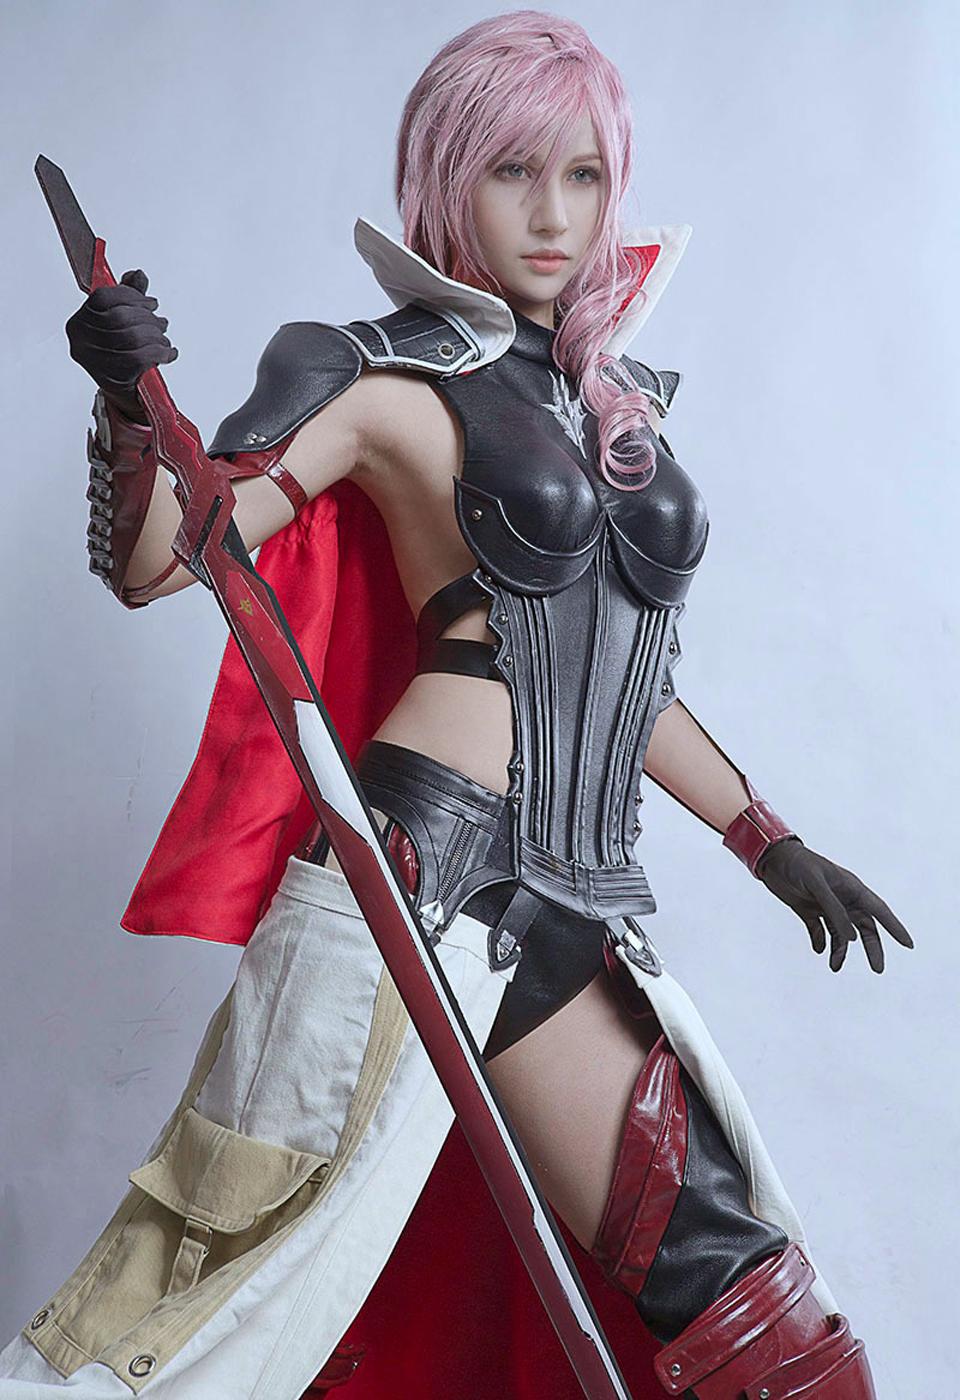 Ngắm cosplay Lightning đẹp như game của Kilory - Ảnh 2